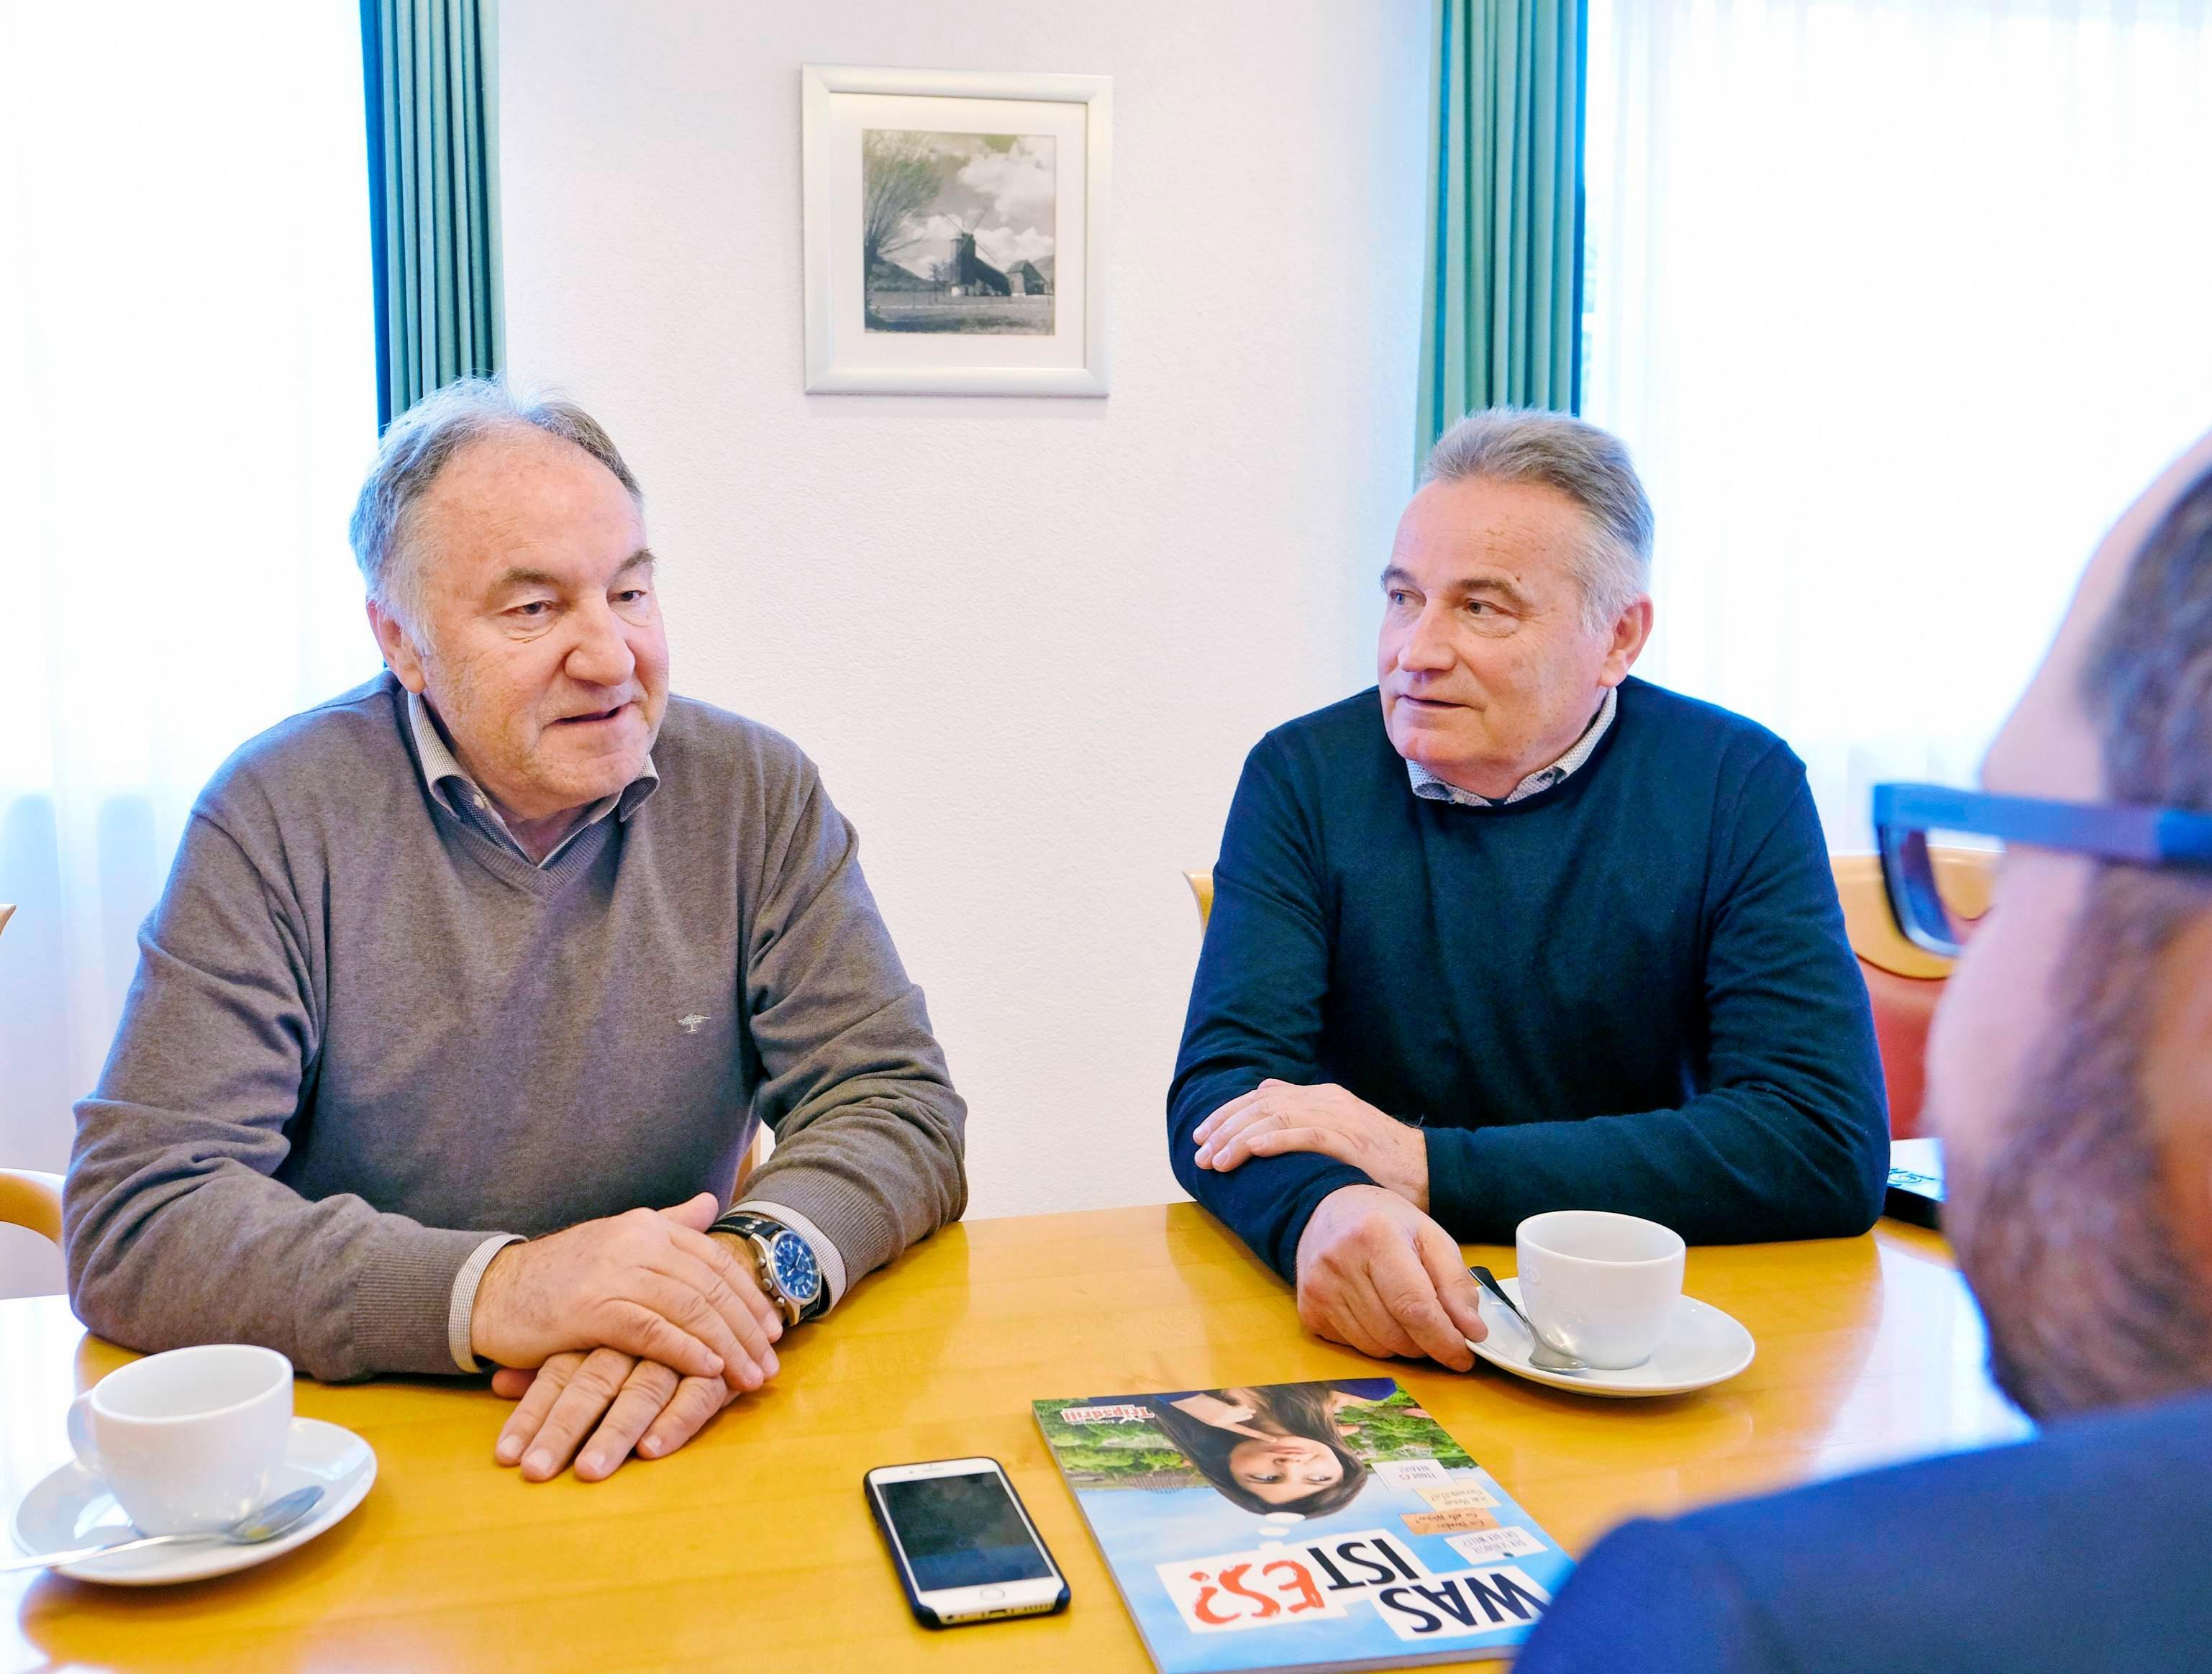 Die beiden Geschäftsführer Helmut Fischer (links) und Roland Fischer im Gespräch mit Alexander Schnell aus der Stimme-Chefredaktion.